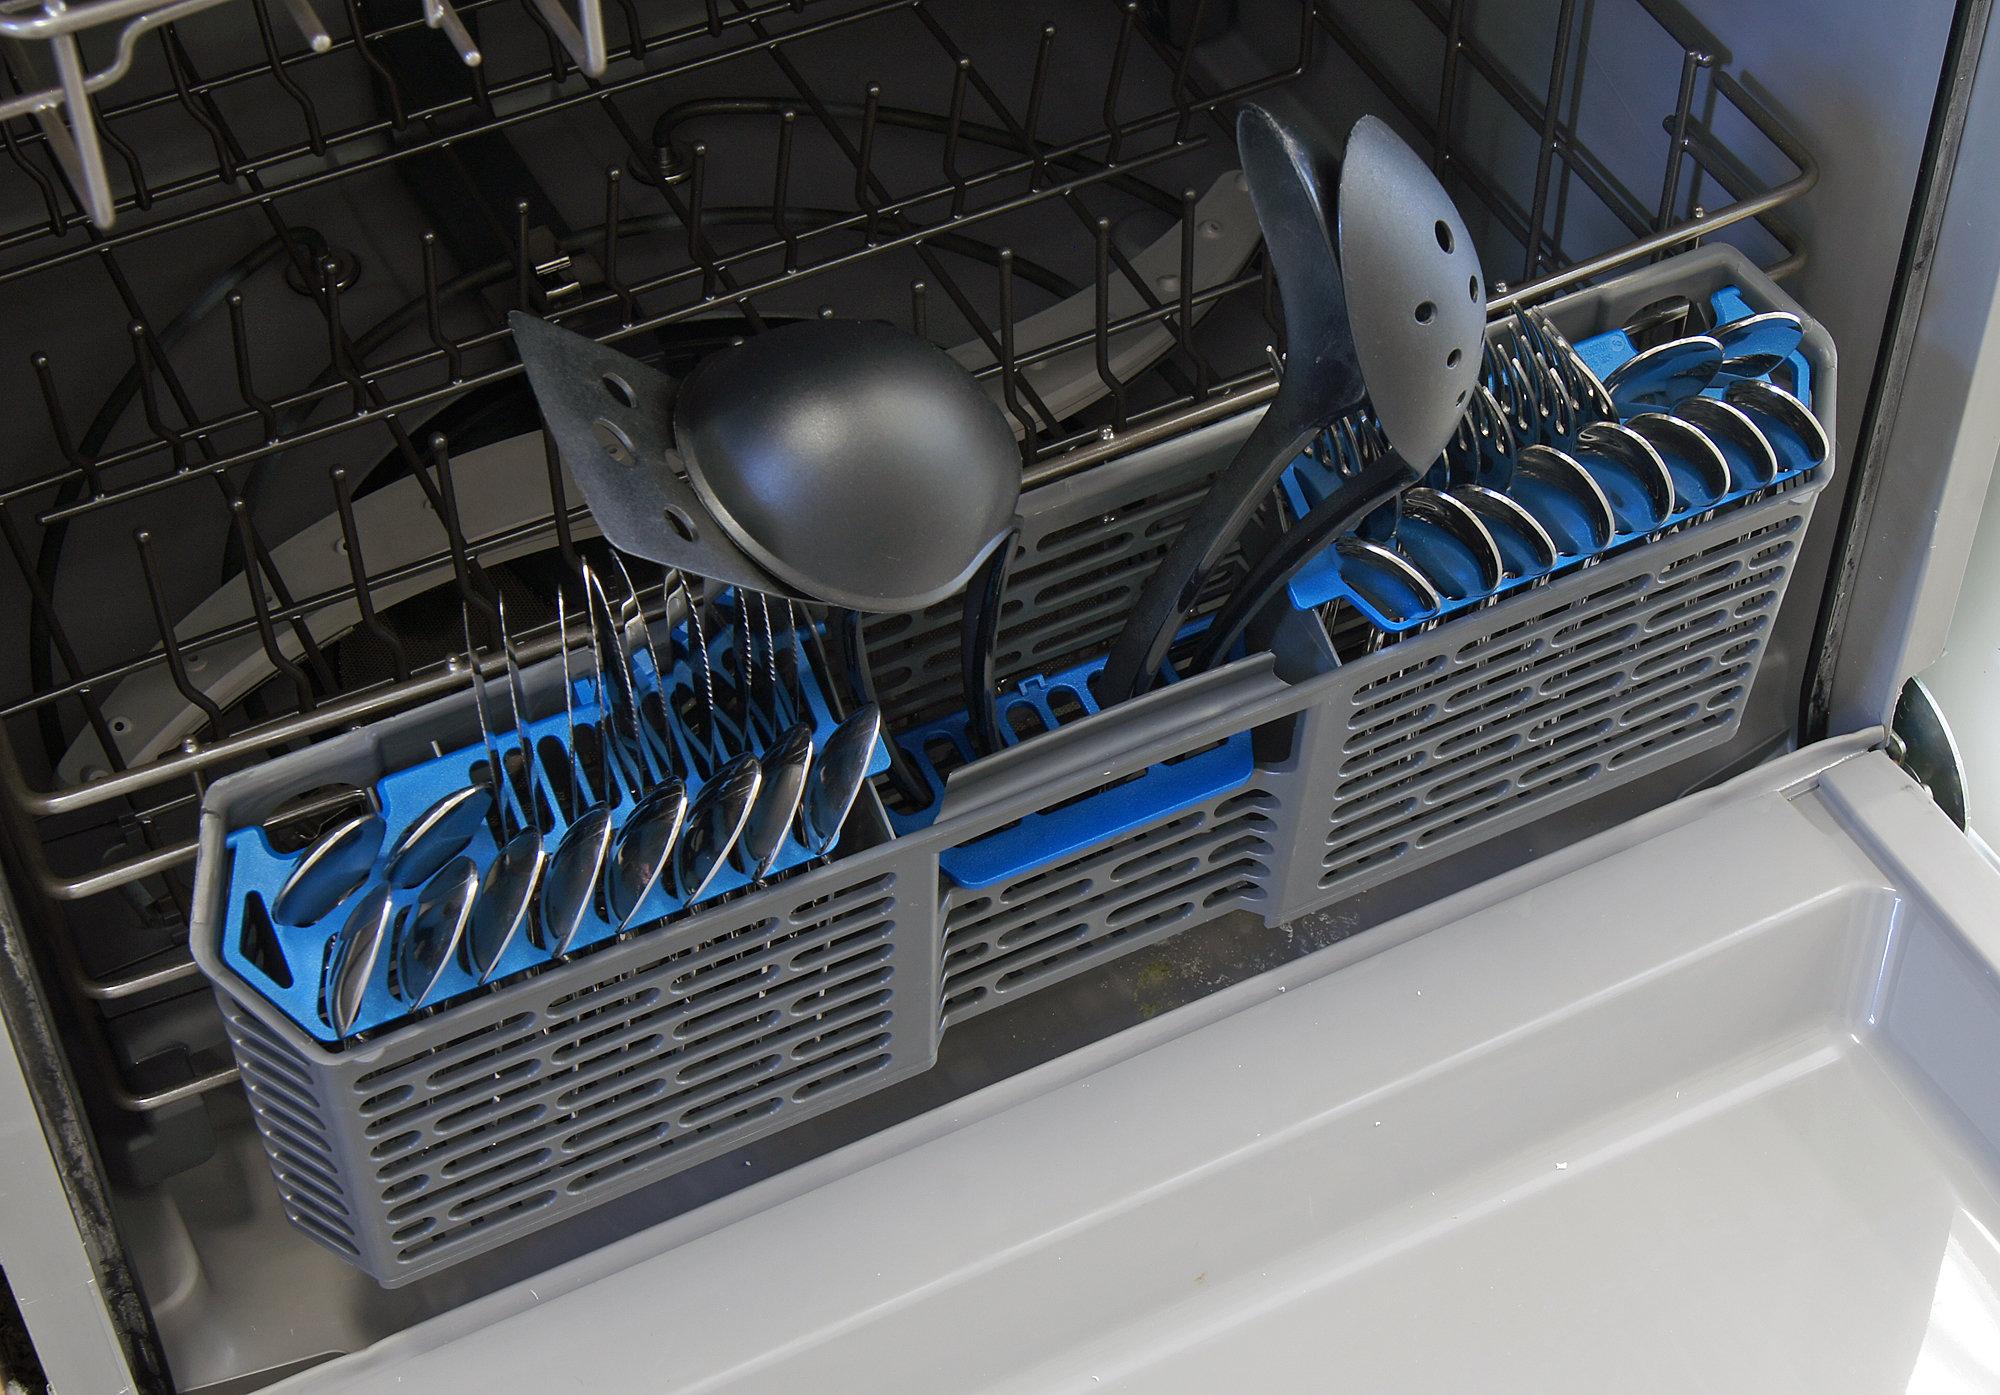 GE Artistry ADT521PGFWS cutlery basket capacity